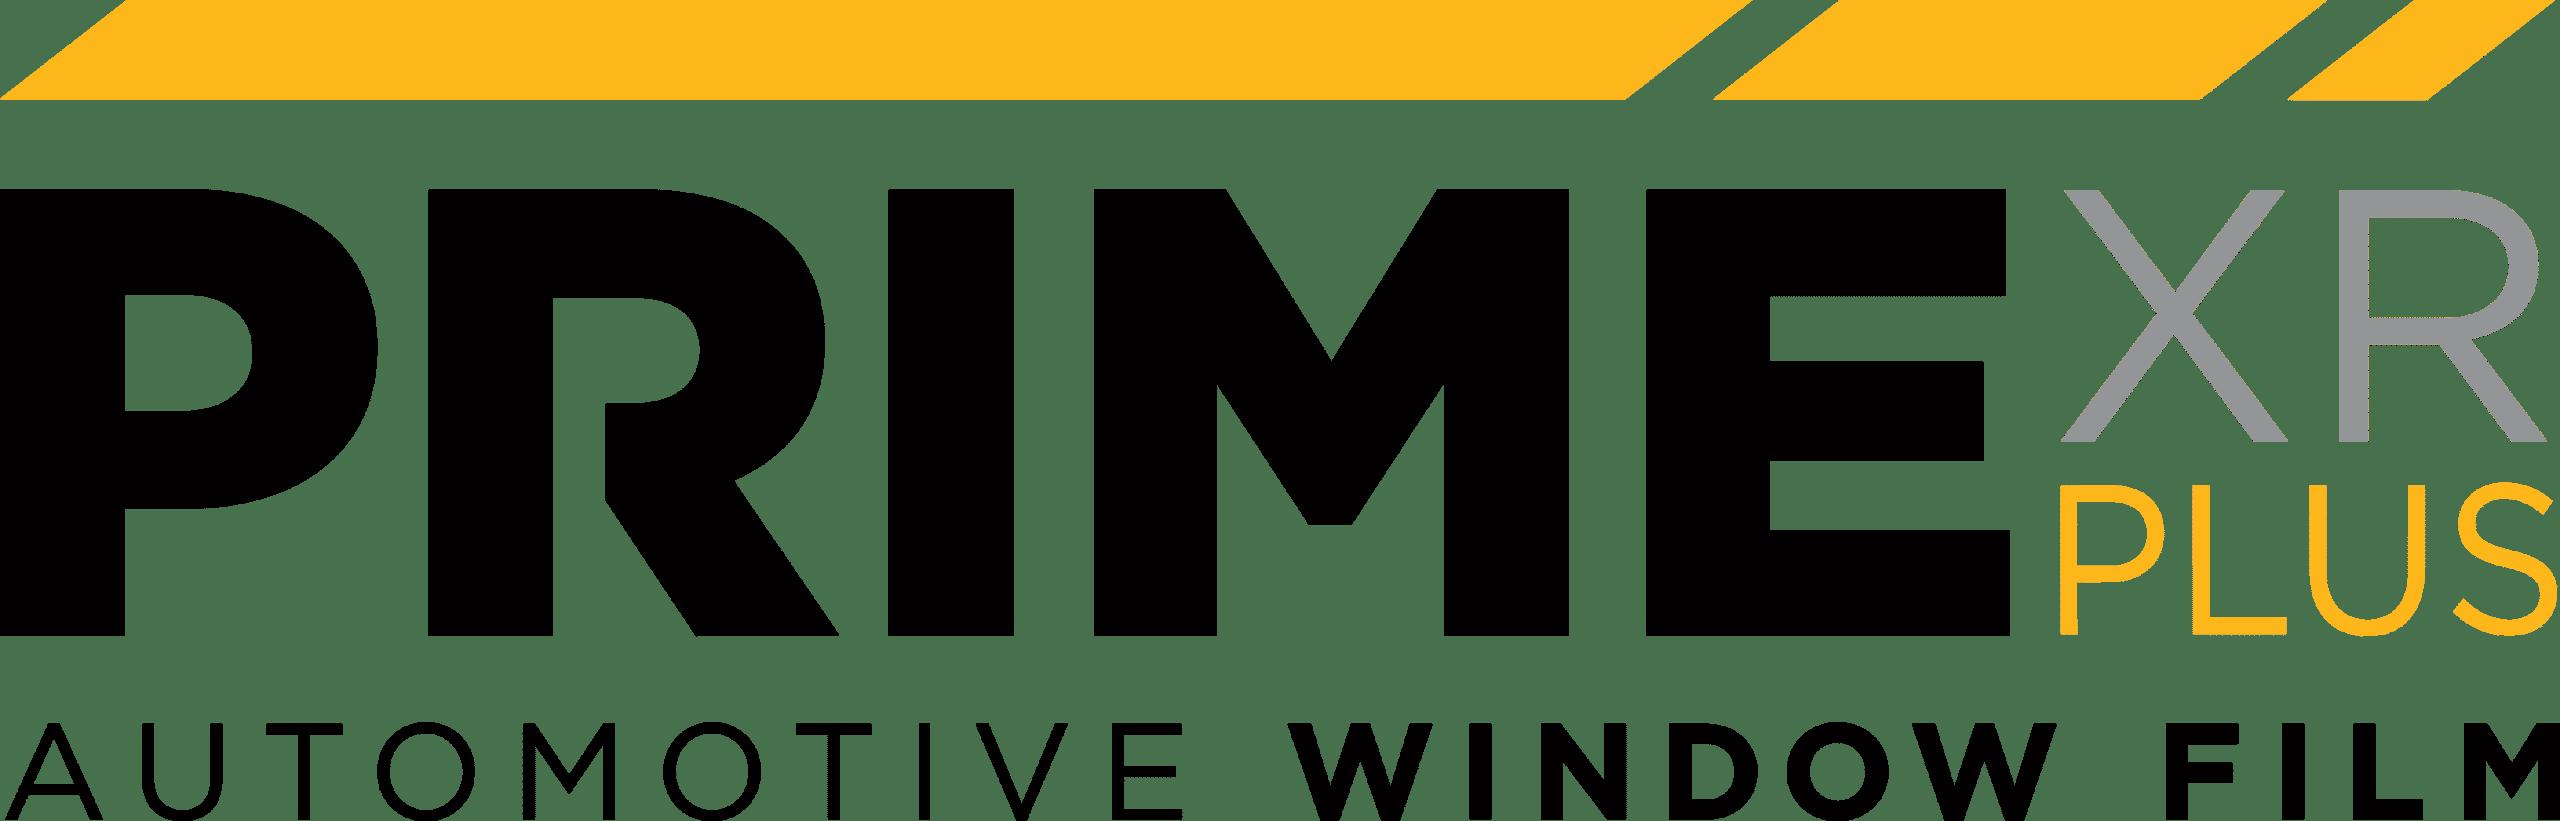 certified-window-tint-installer-prescott-az